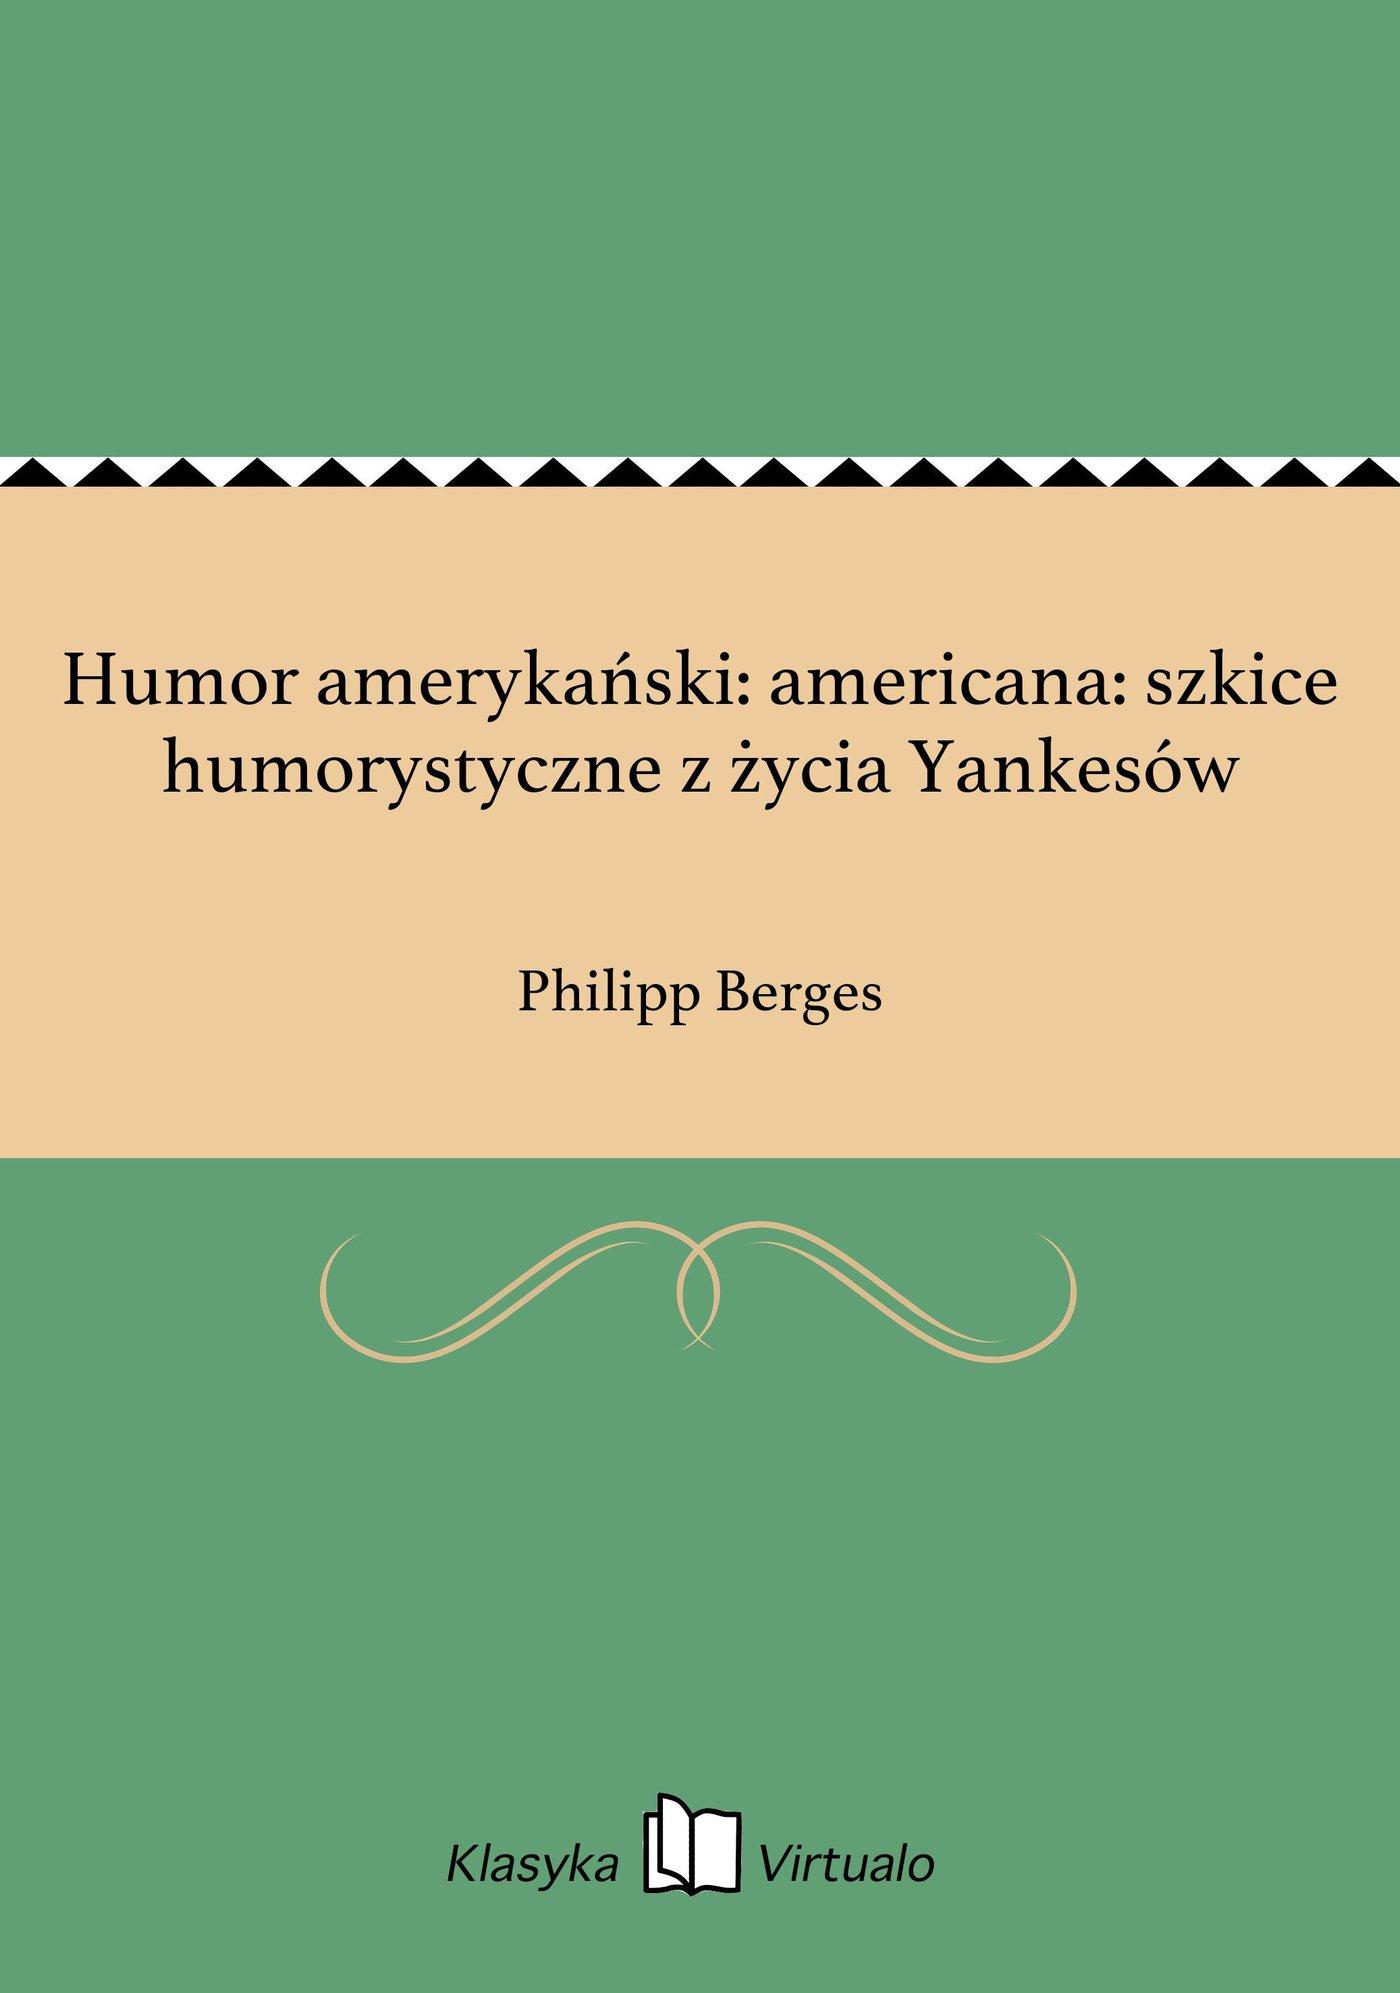 Humor amerykański: americana: szkice humorystyczne z życia Yankesów - Ebook (Książka EPUB) do pobrania w formacie EPUB